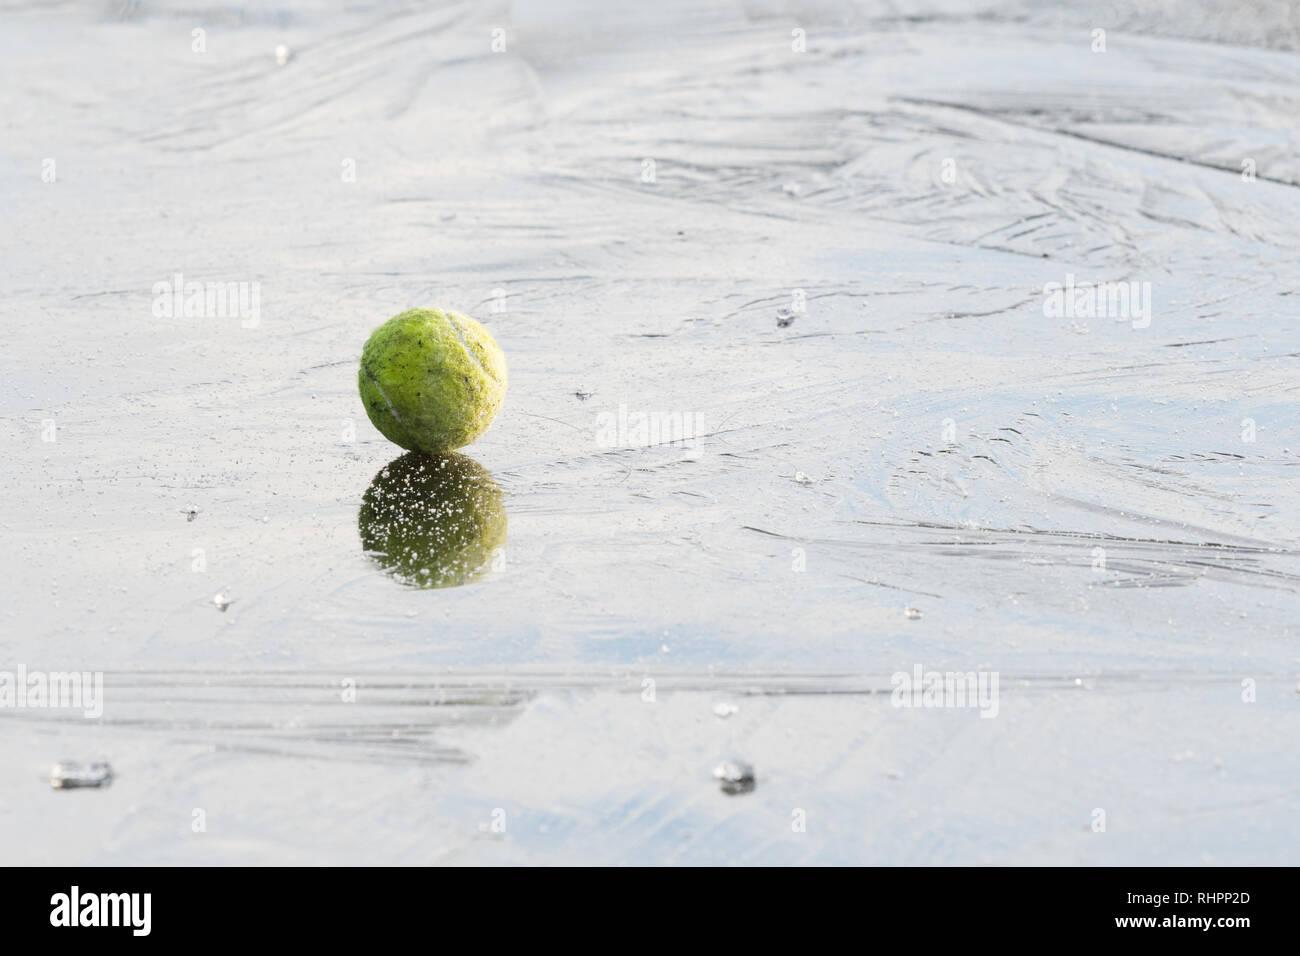 Ball auf Eis - der Hund Tennis ball auf gefrorenen Teich- auf die Gefahren von Hunden auf gefrorenes Wasser läuft veranschaulichen Stockbild